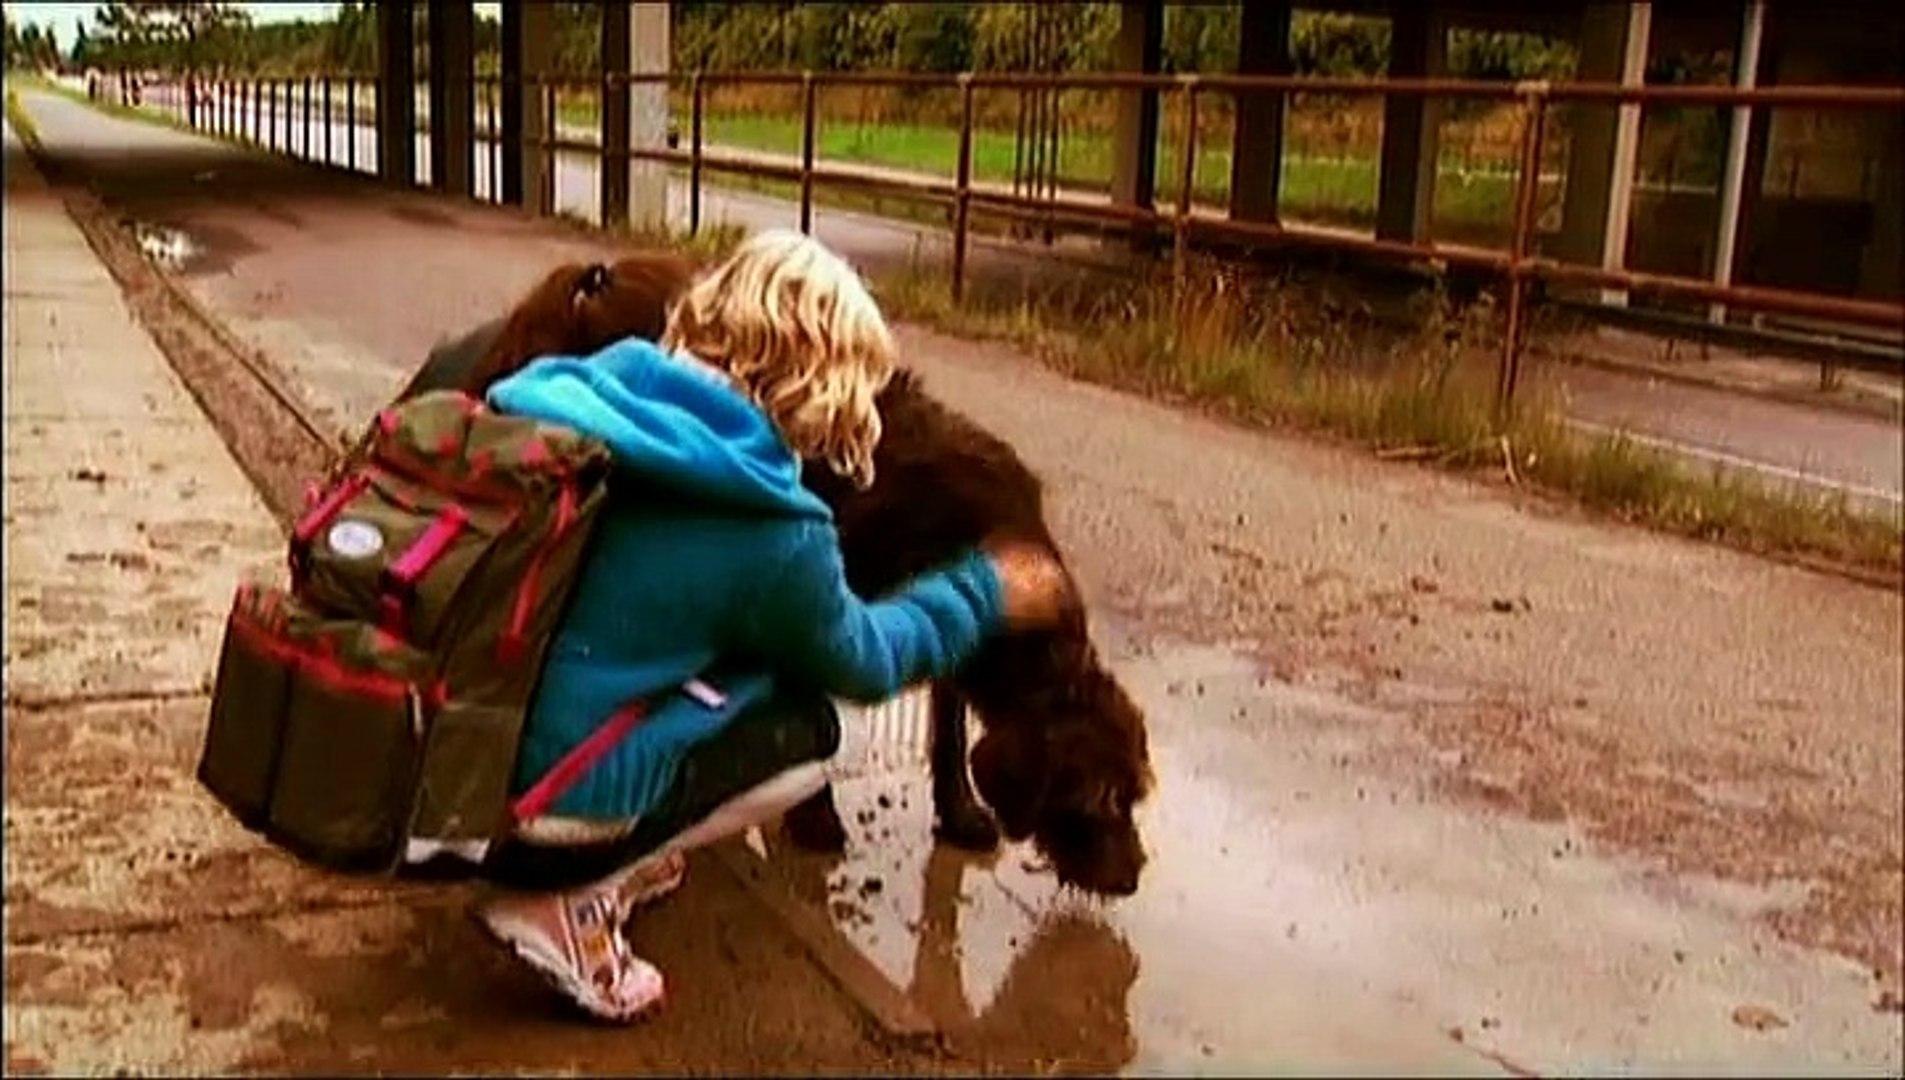 Kald mig bare Aksel / Зови меня просто Аксель (2002)